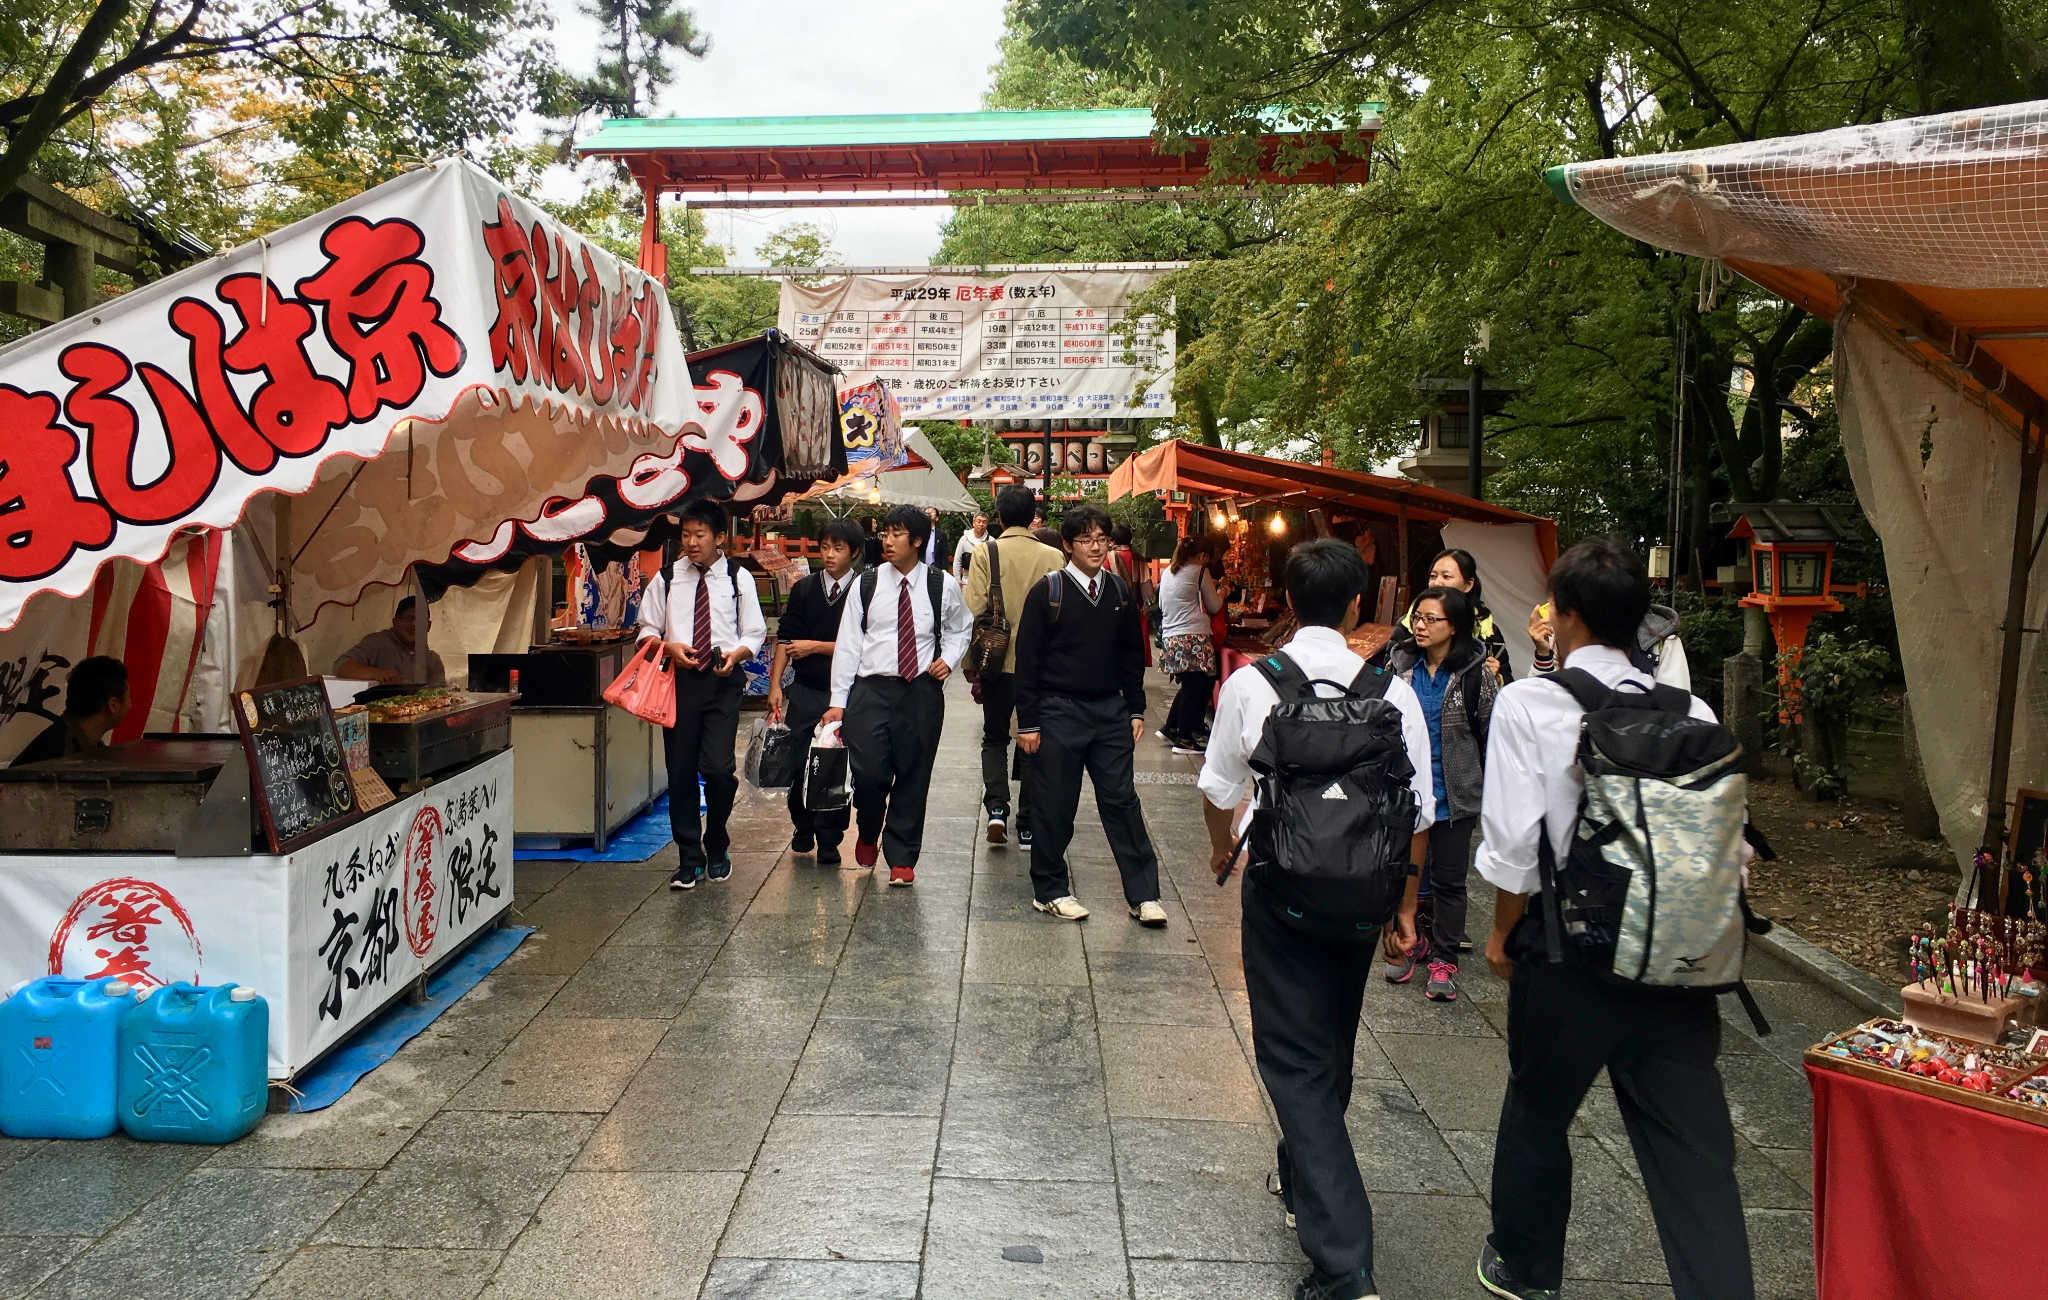 A l'aopproche du sanctuaire Yasaka Jinja, quelques stands de nourriture et souvenirs